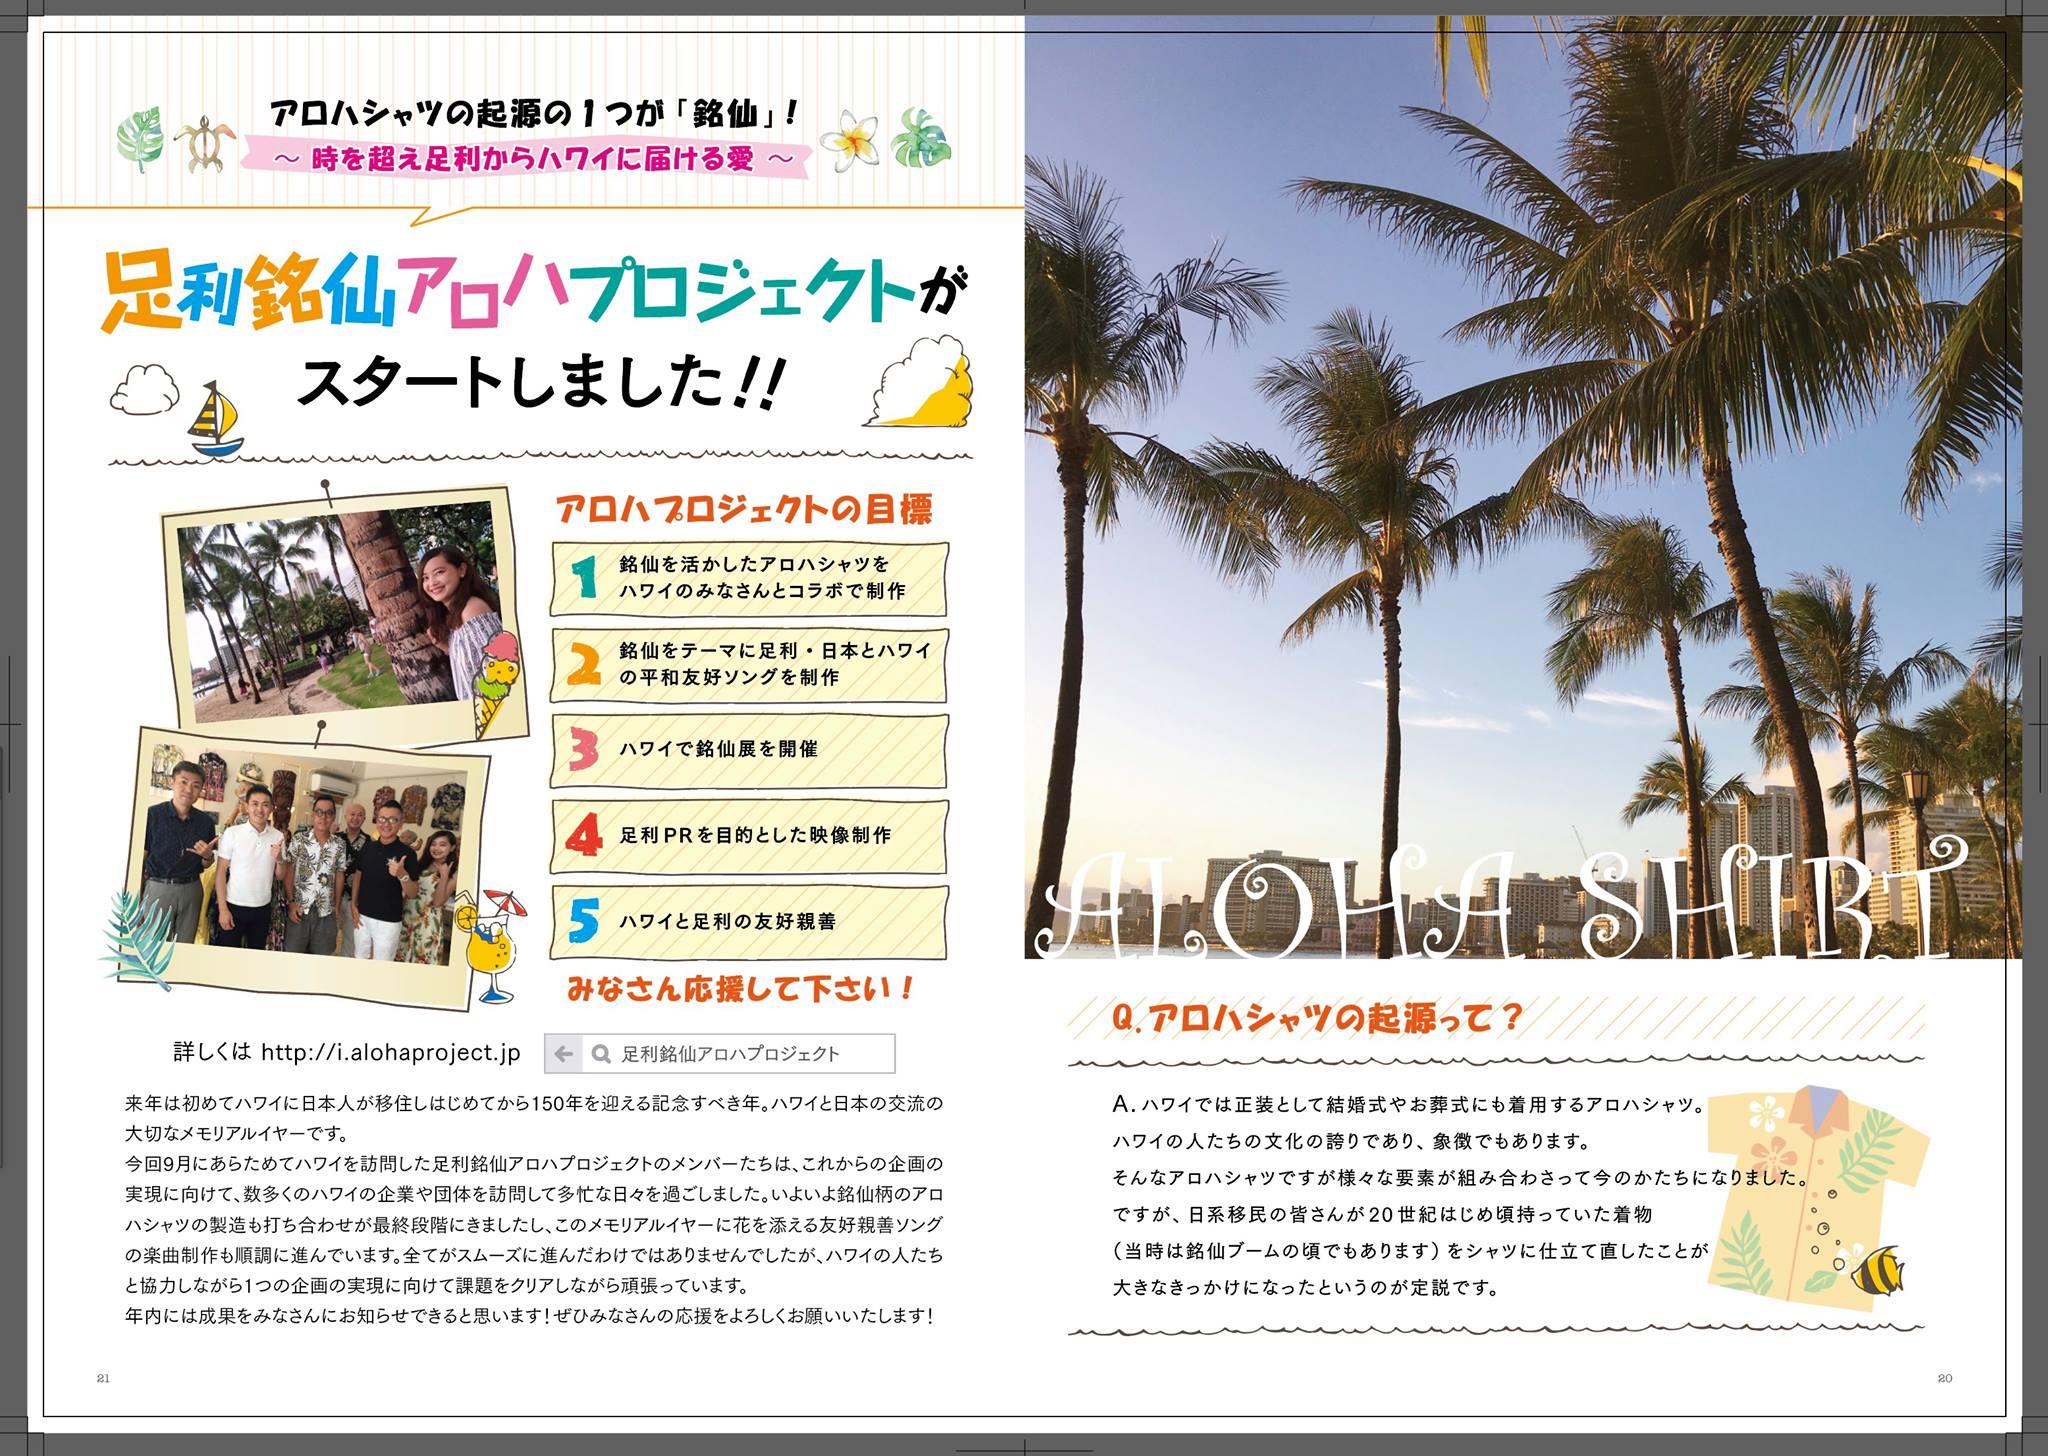 【足利銘仙アロハプロジェクト始動!】アロハシャツの起源のひとつが「銘仙」!~時を超え足利からハワイに届ける愛~